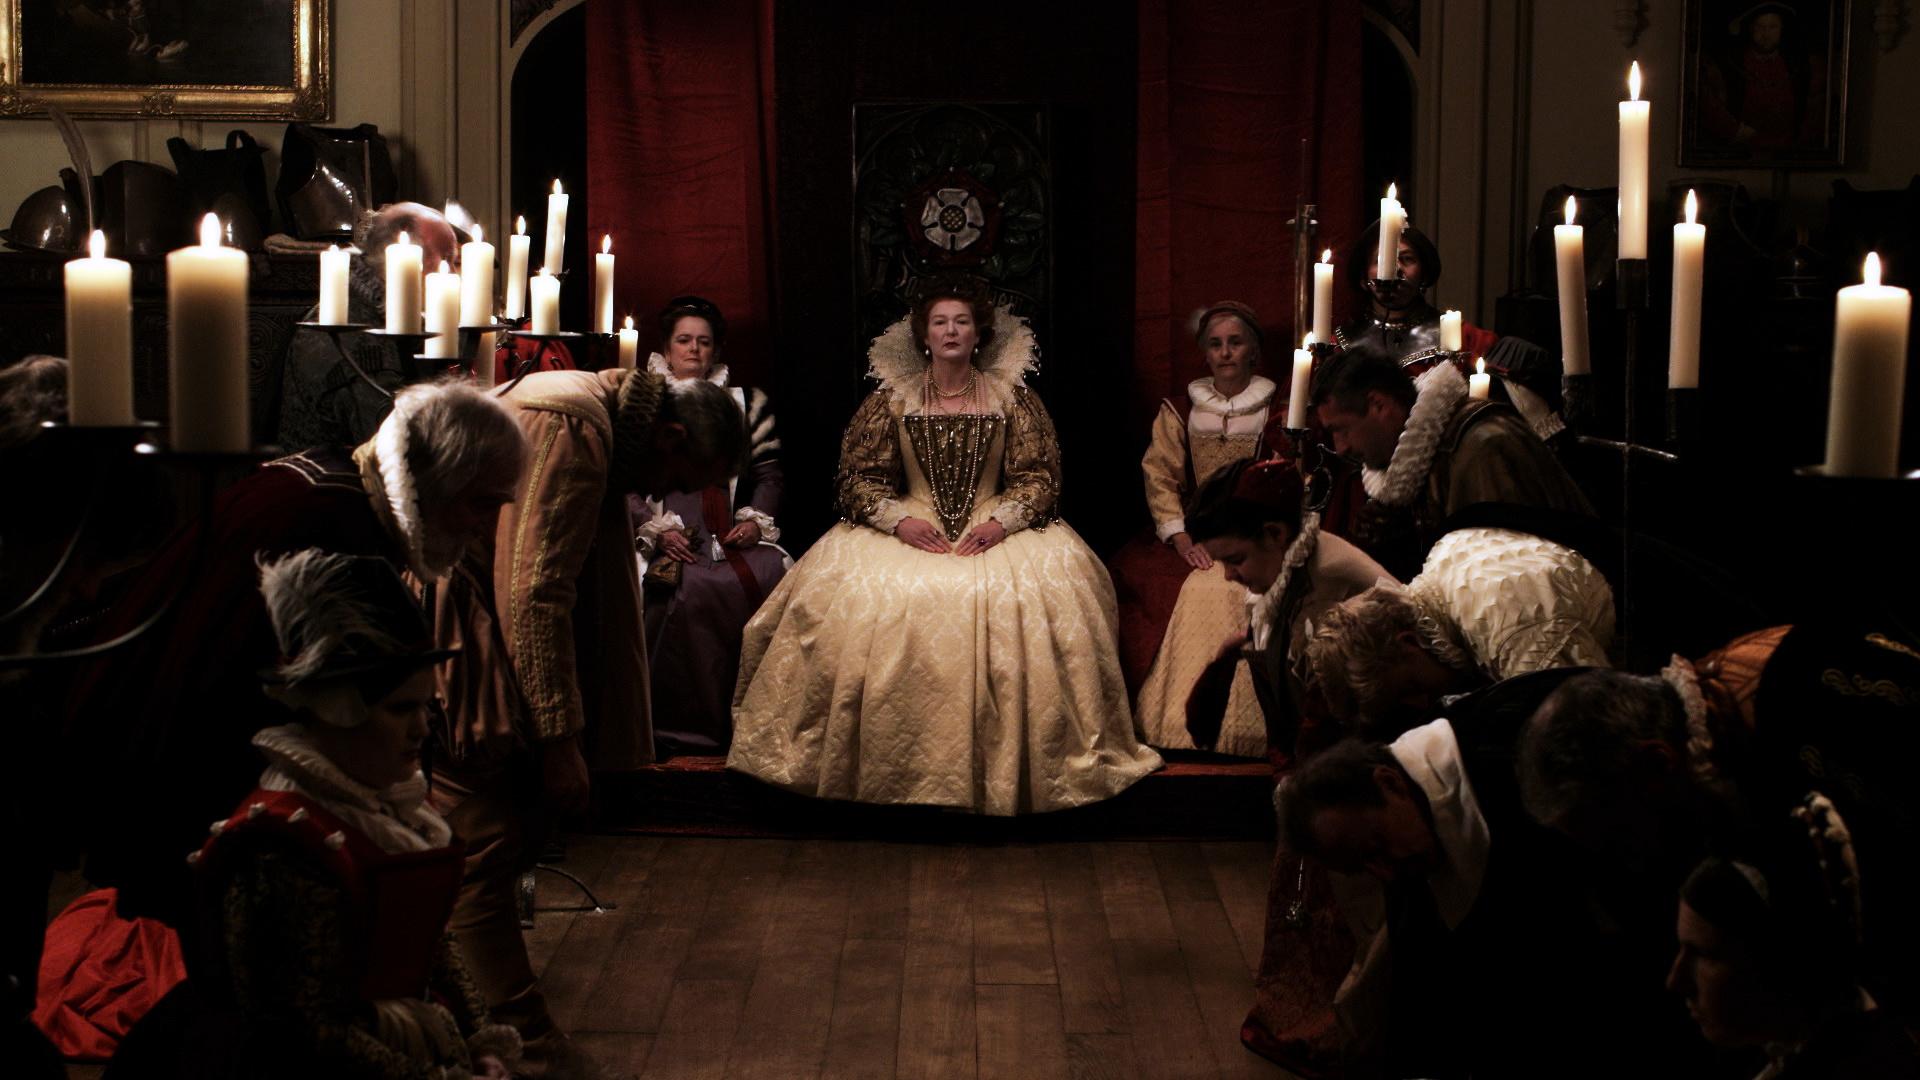 Königin Elisabeth I. von England regierte in turbulenten Zeiten. Ihre rechte Hand und ihr loyalster Minister Francis Walsingham hatte eine wichtige Aufgabe - er sollte ihr Leben schützen.  ©ZDF/Battlefield Series Productions